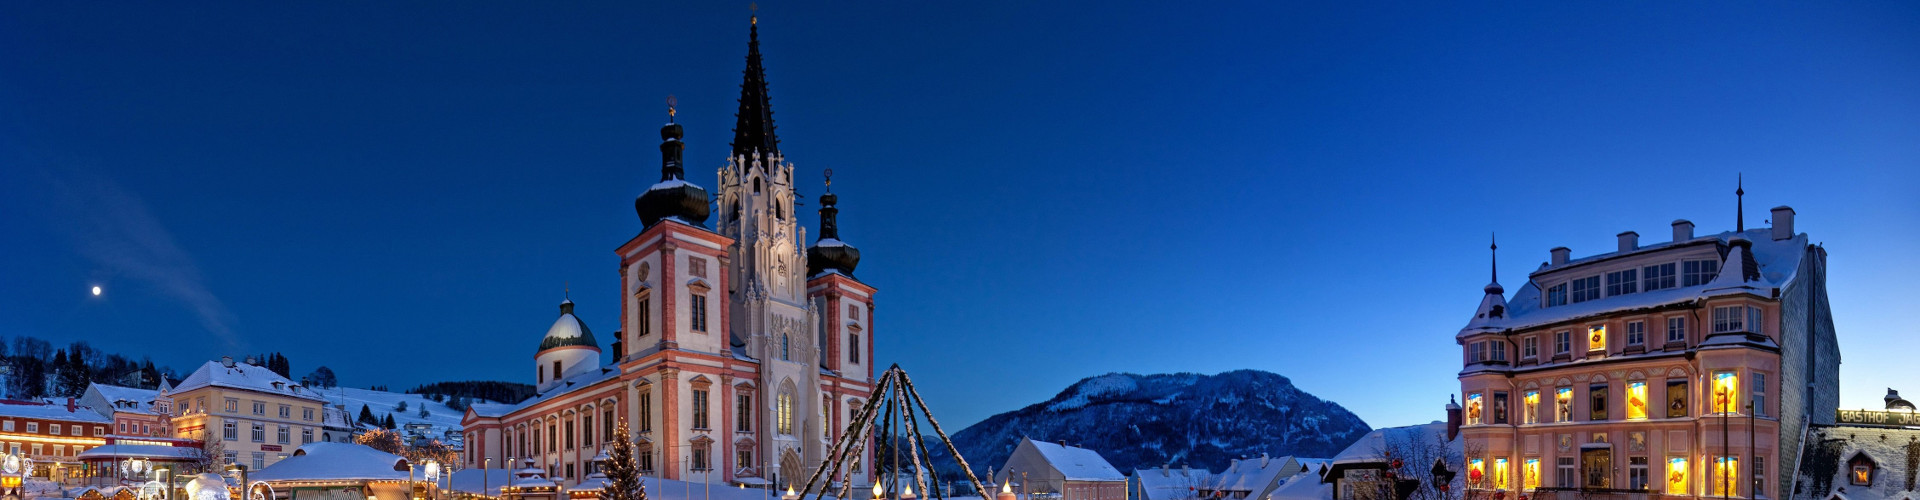 Mariazeller Advent - Blaue Stunde, © www.mariazell.blog